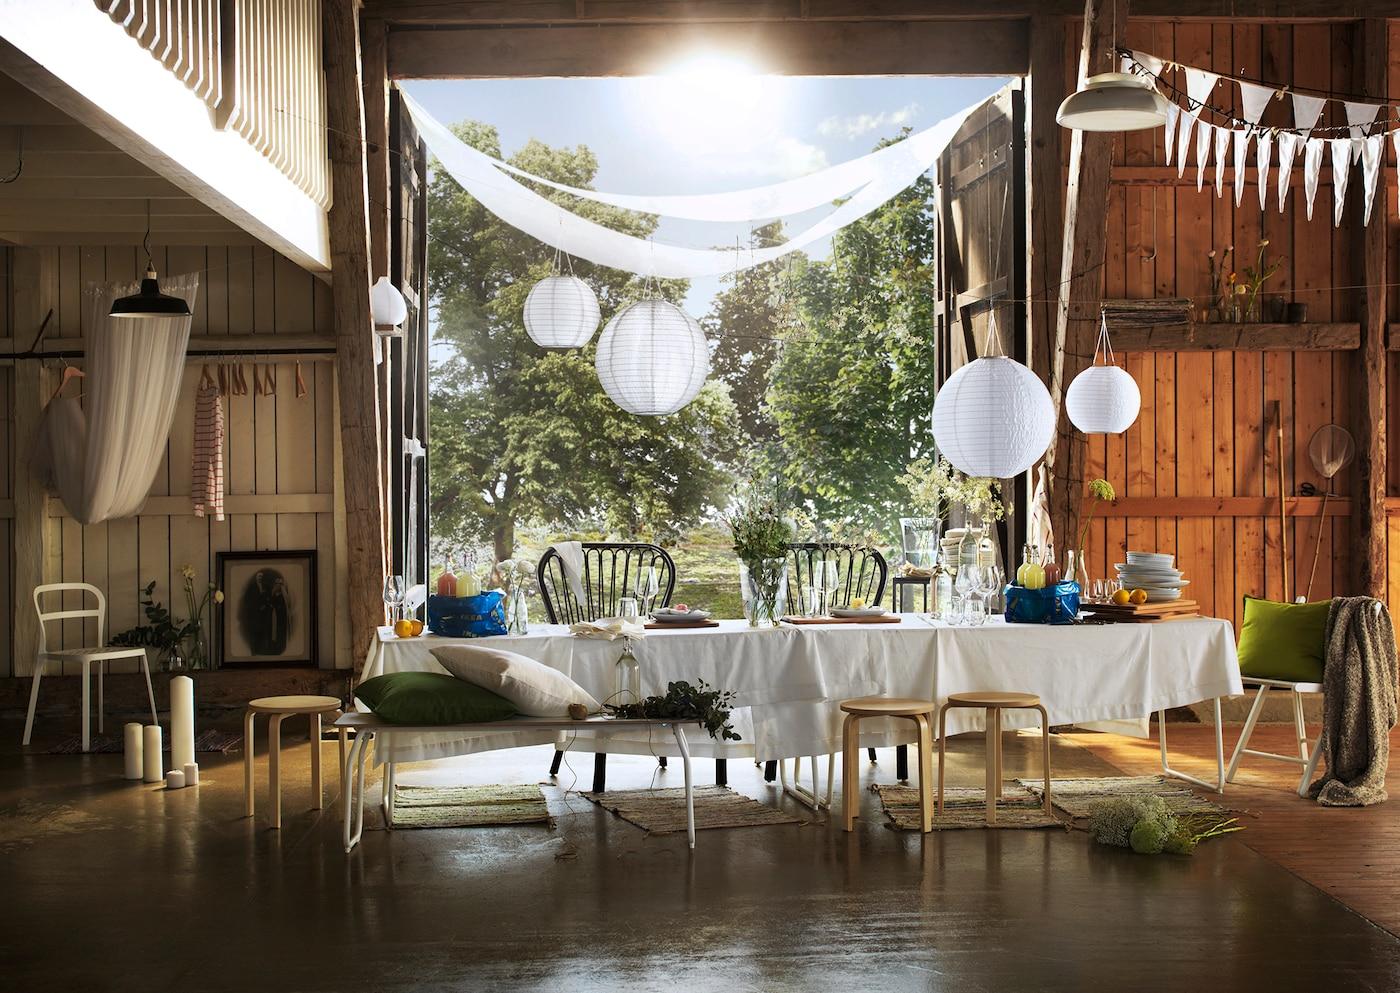 In einer Scheune steht eine lange Tafel mit LINNMON Tischen & weißer Tischdecke für die Sommerparty.